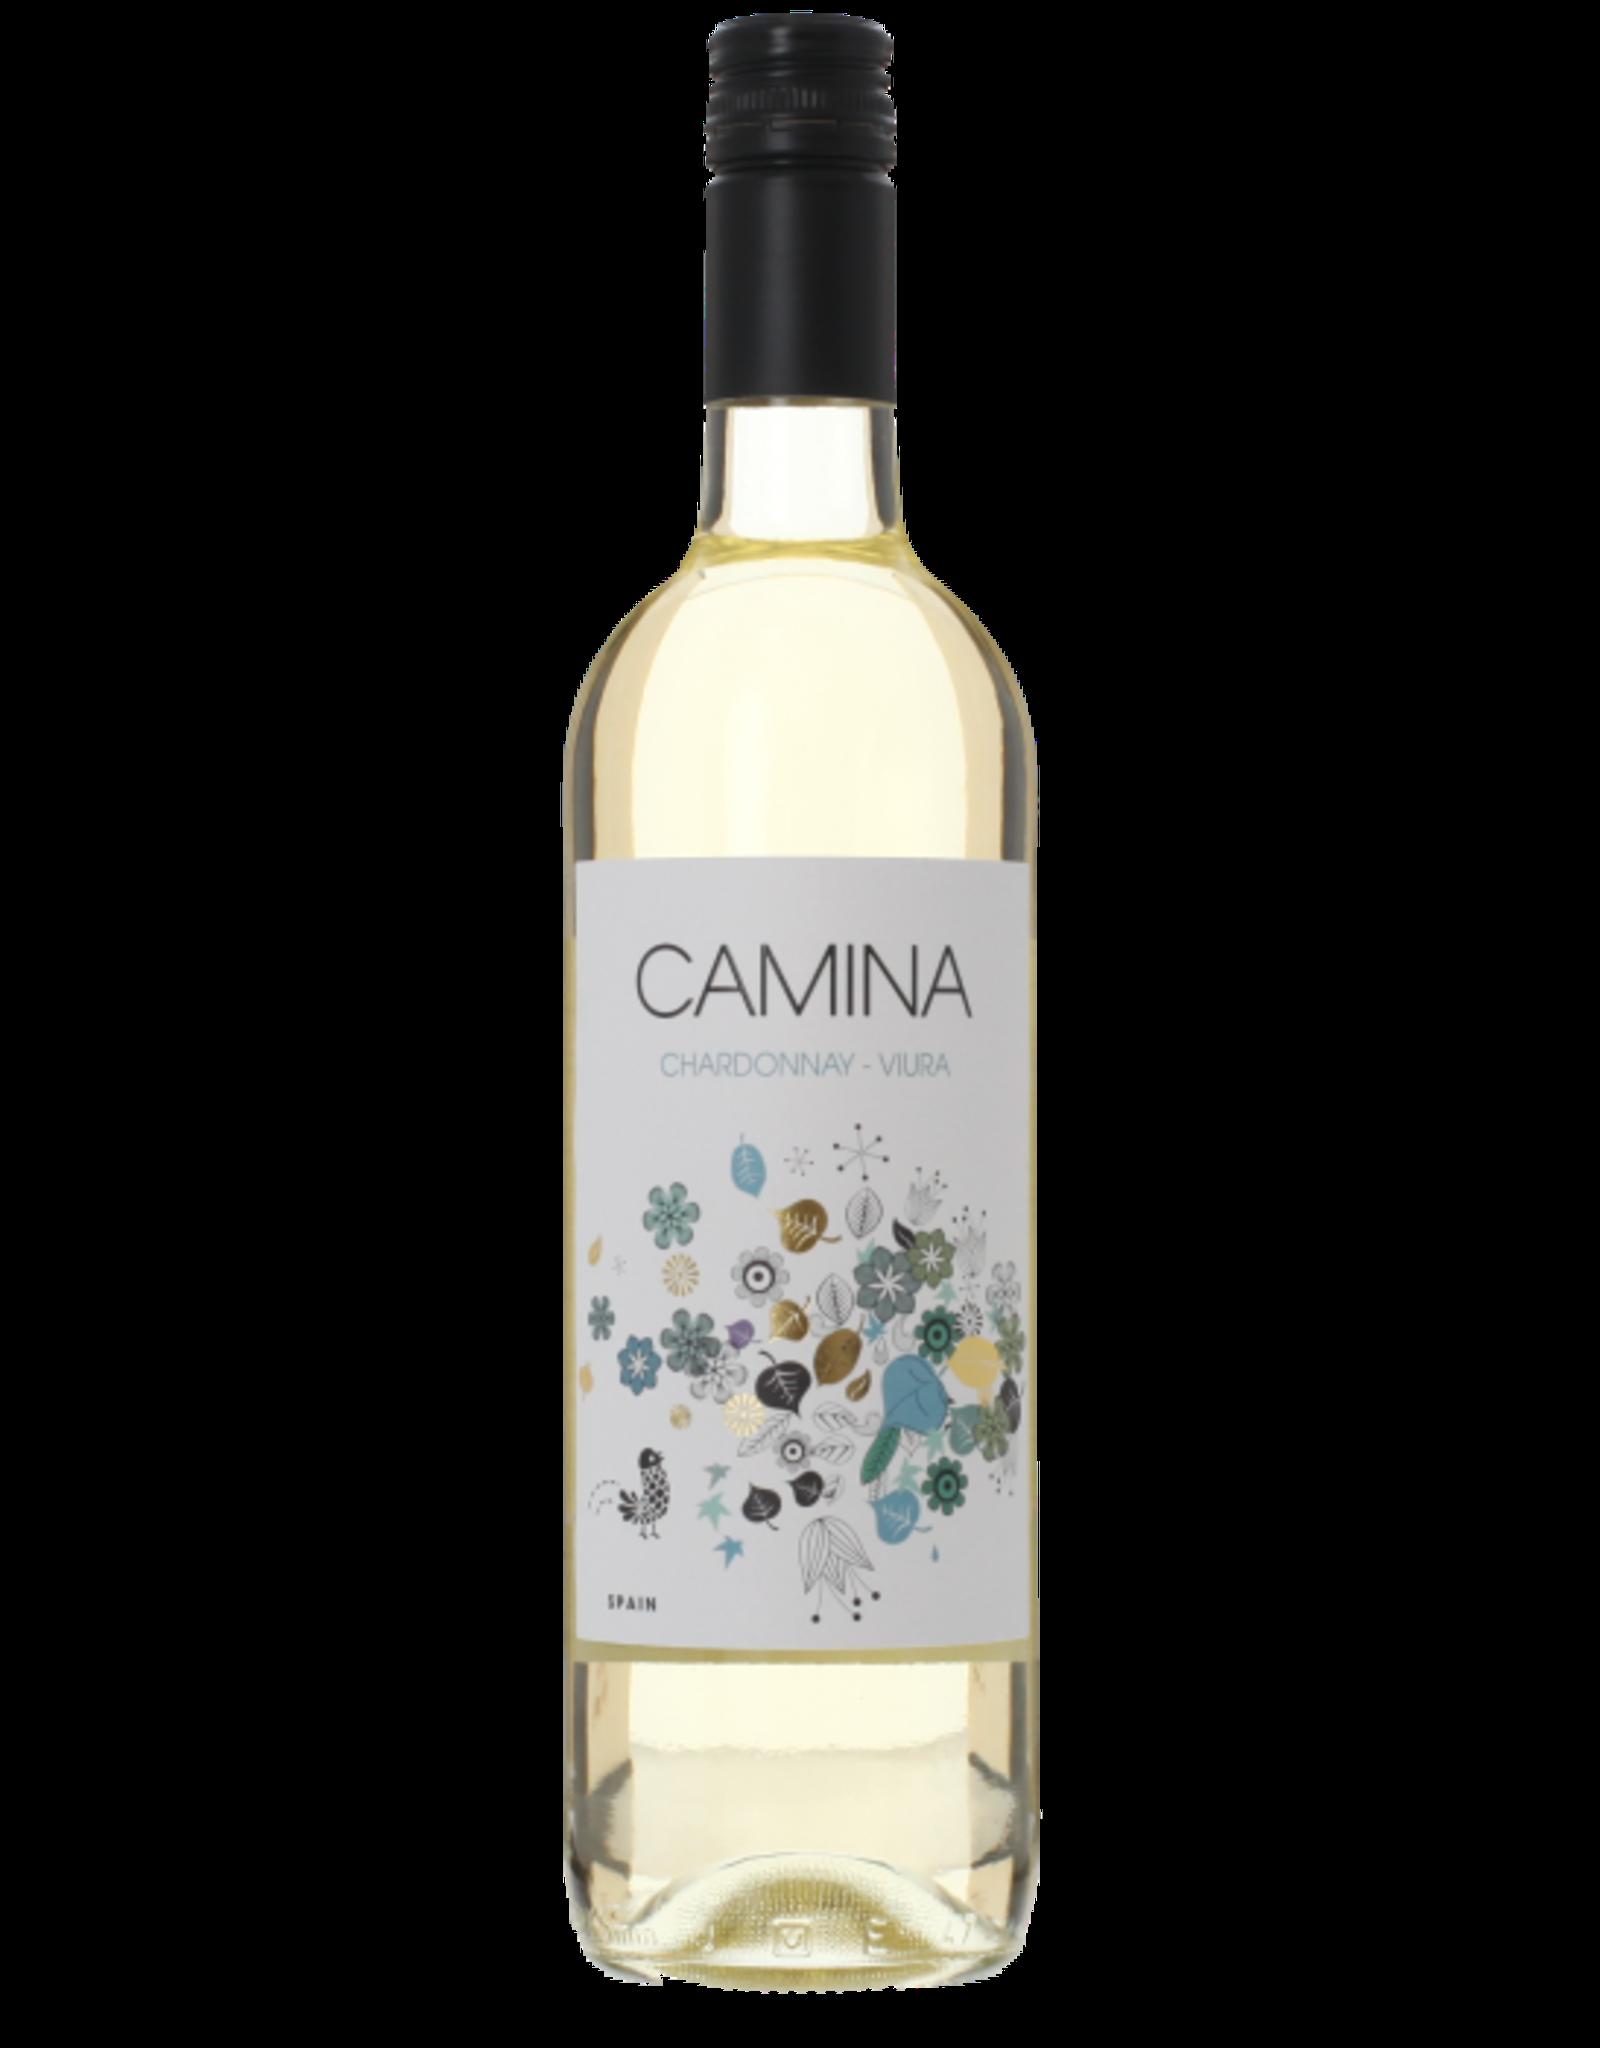 Bodegas Cristo de la Vega Camina Chardonnay, Viura 75cl